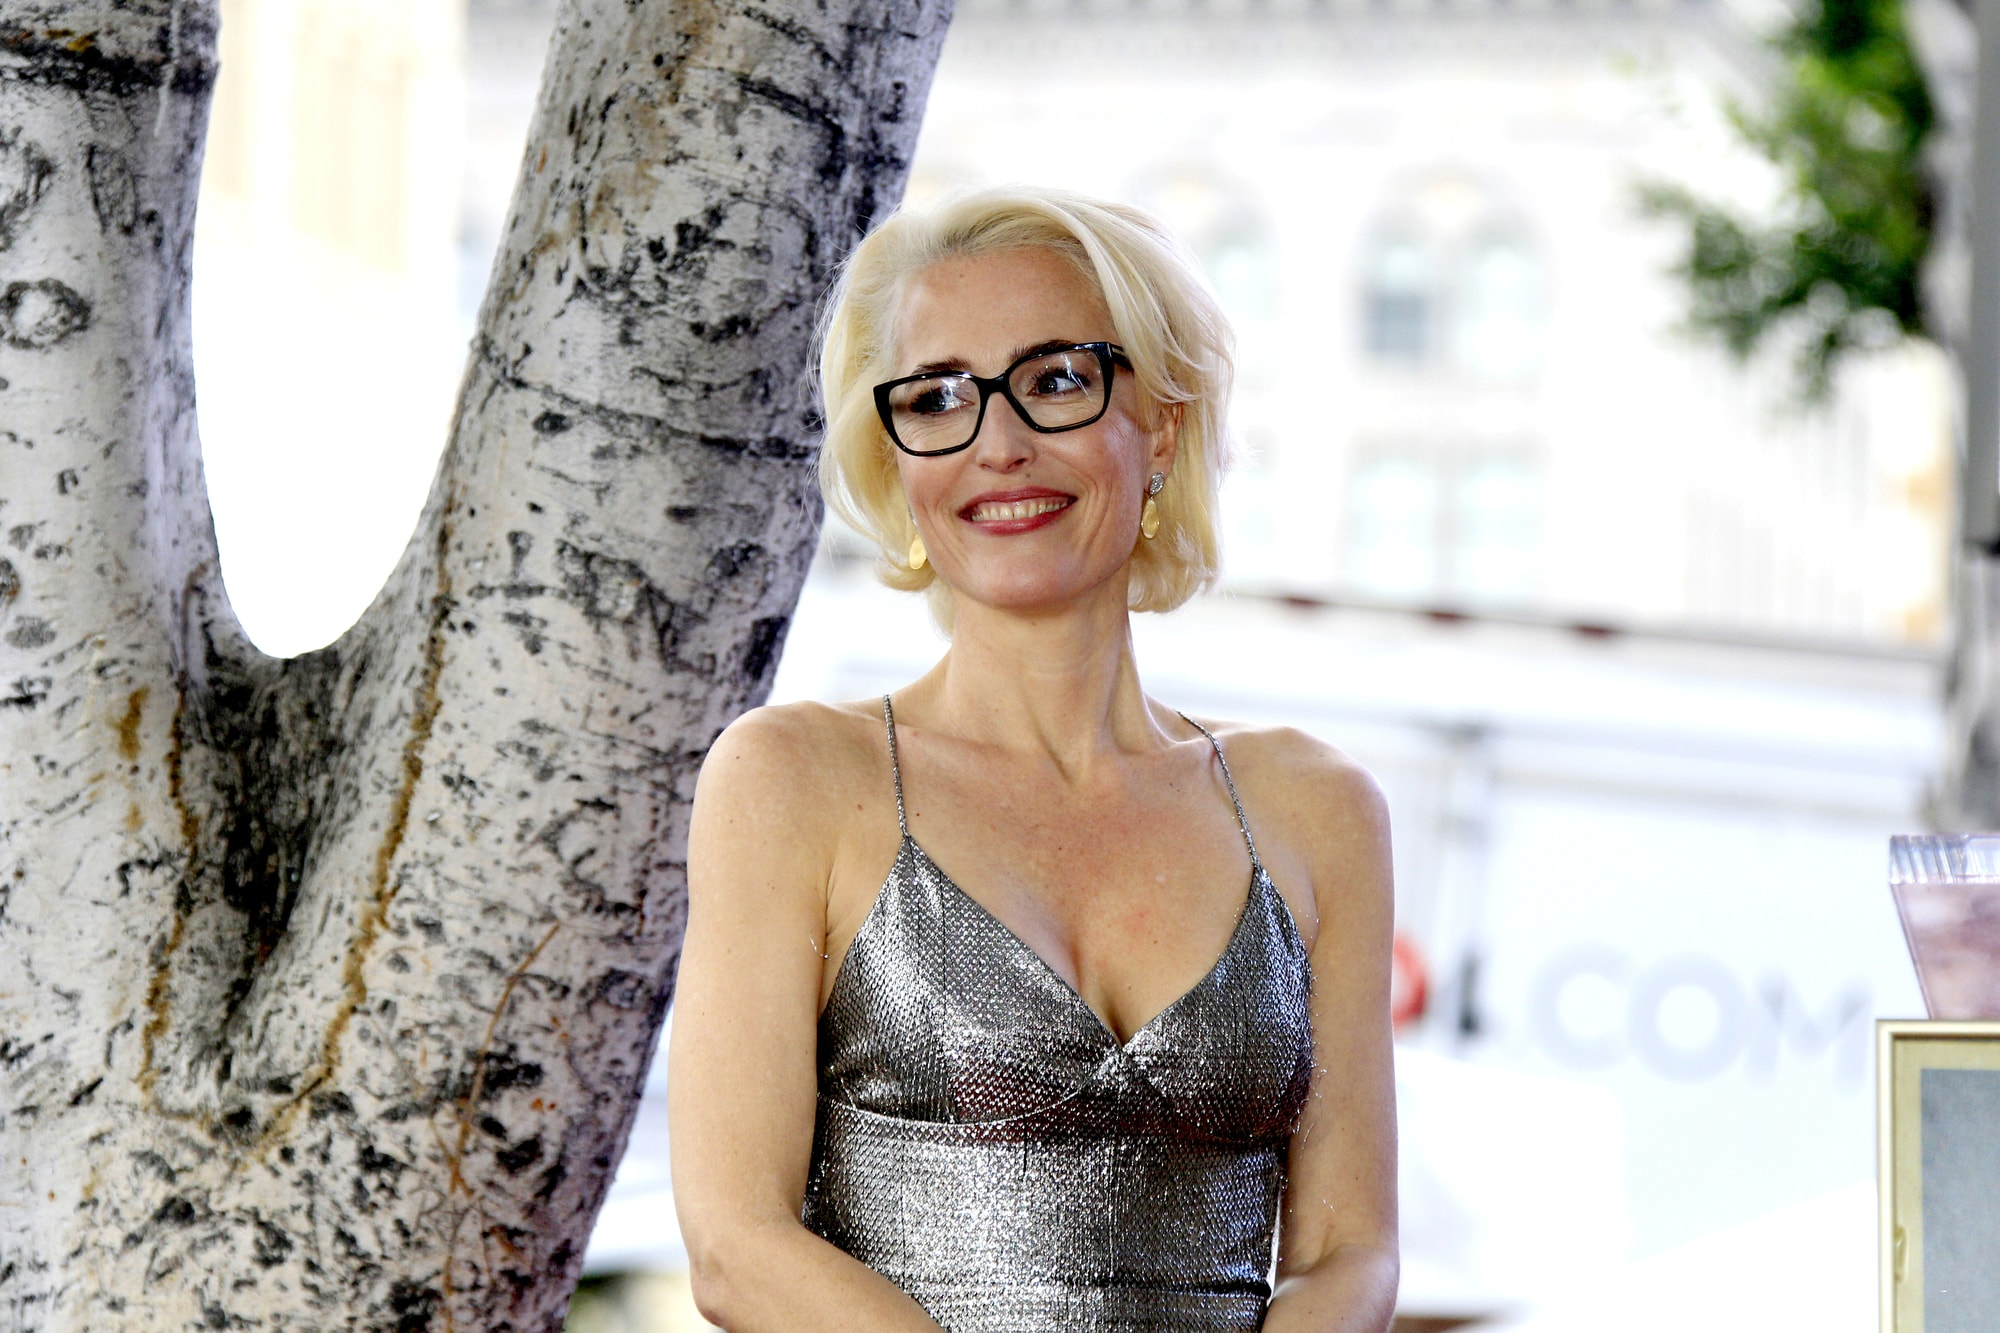 Джиллиан Андерсон рассказала, почему покинула Голливуд после окончания «Секретных материалов»